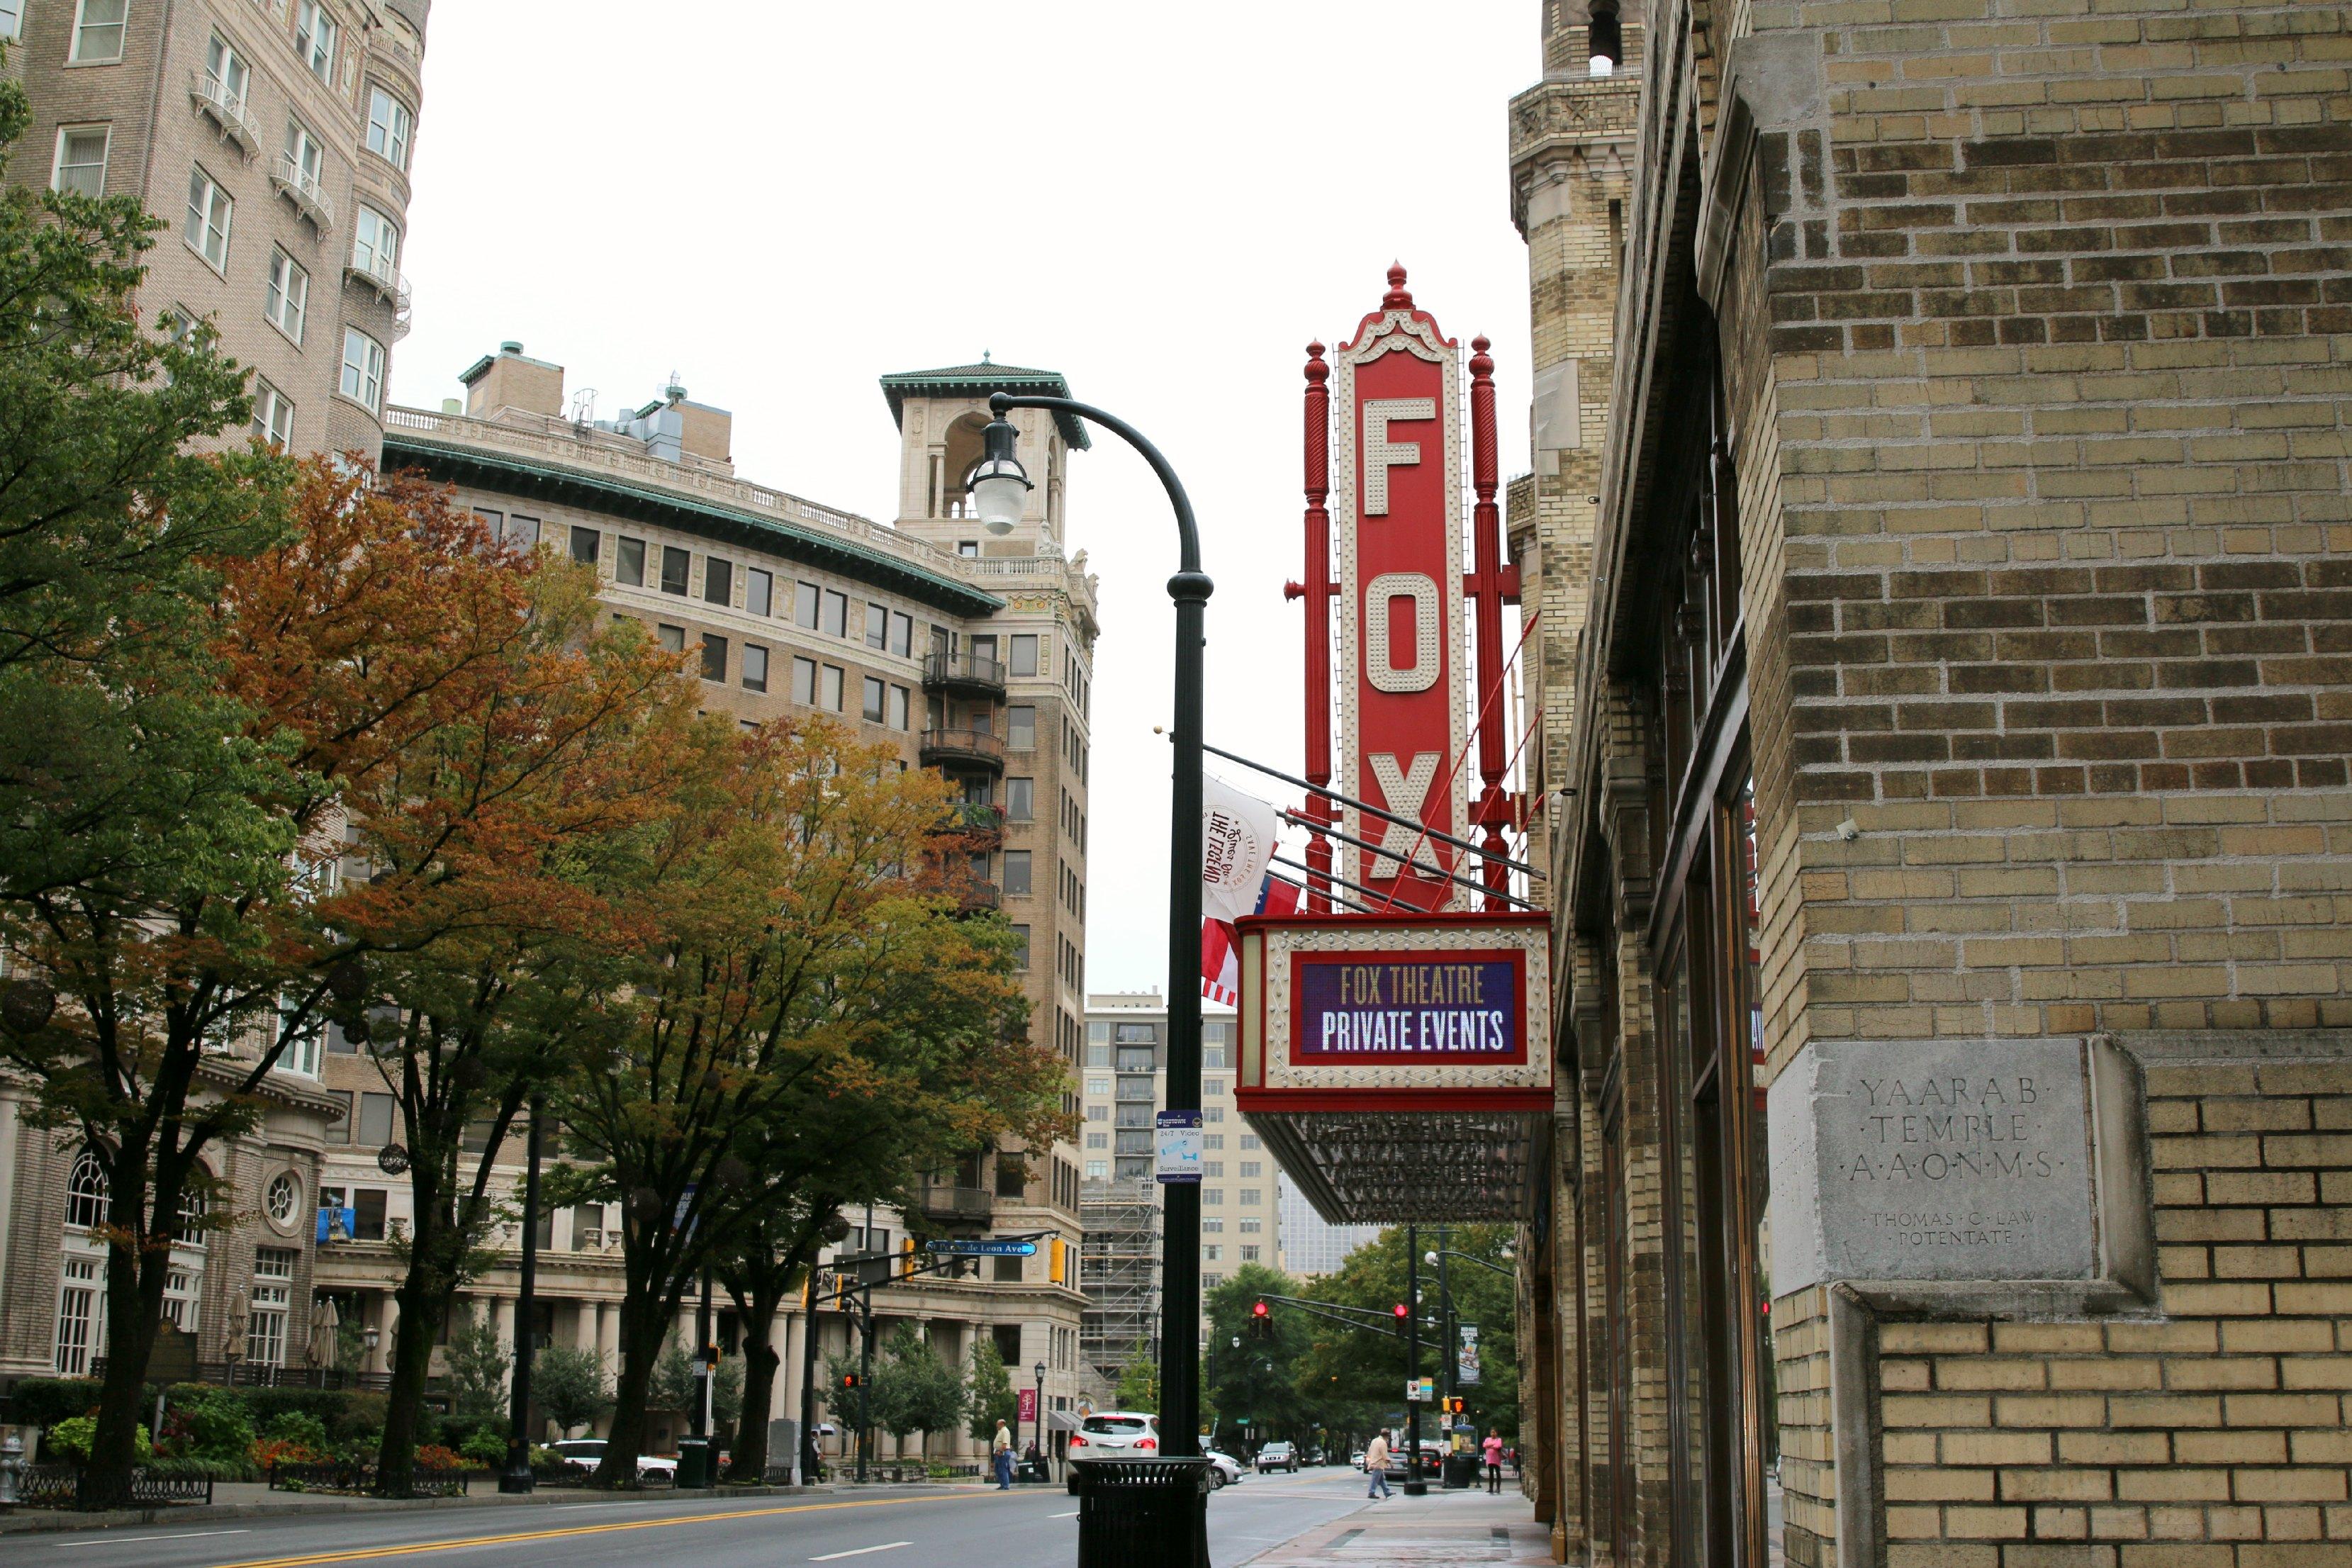 fox theater tour